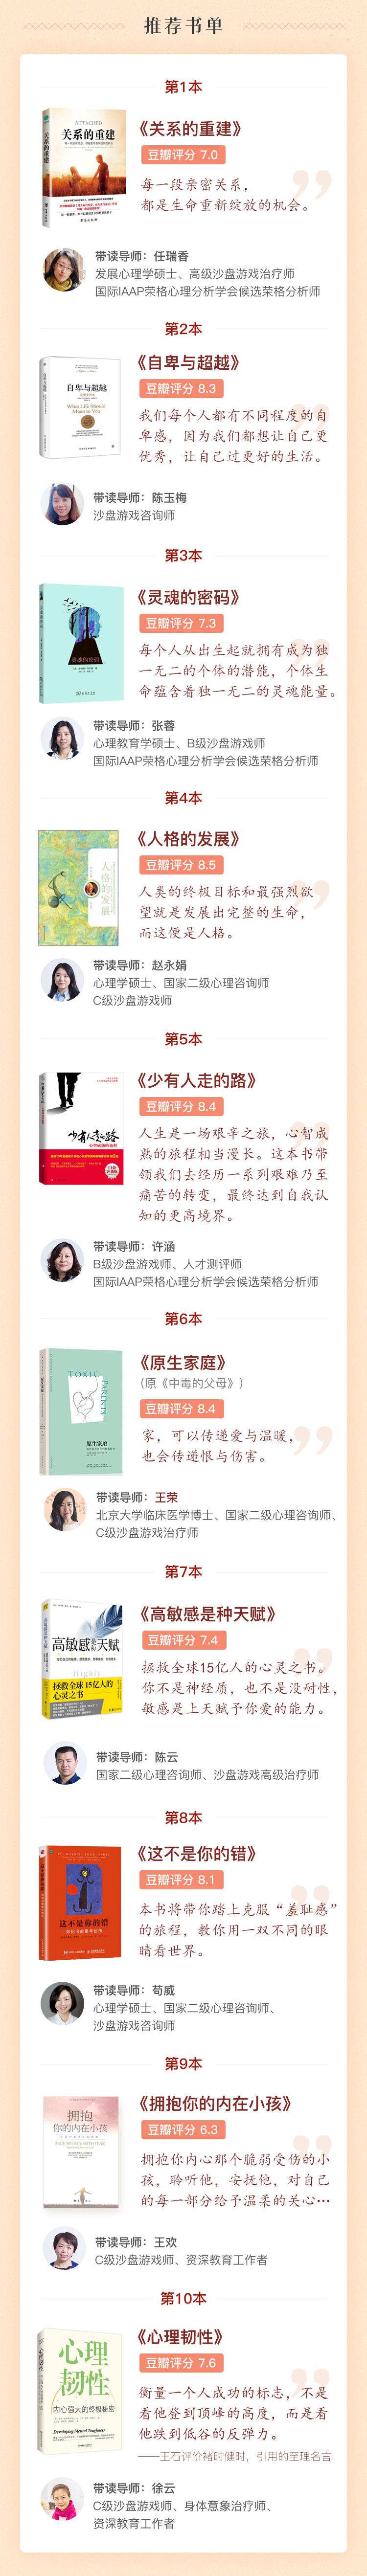 http://mtedu-img.oss-cn-beijing-internal.aliyuncs.com/ueditor/20190729185150_794710.jpg